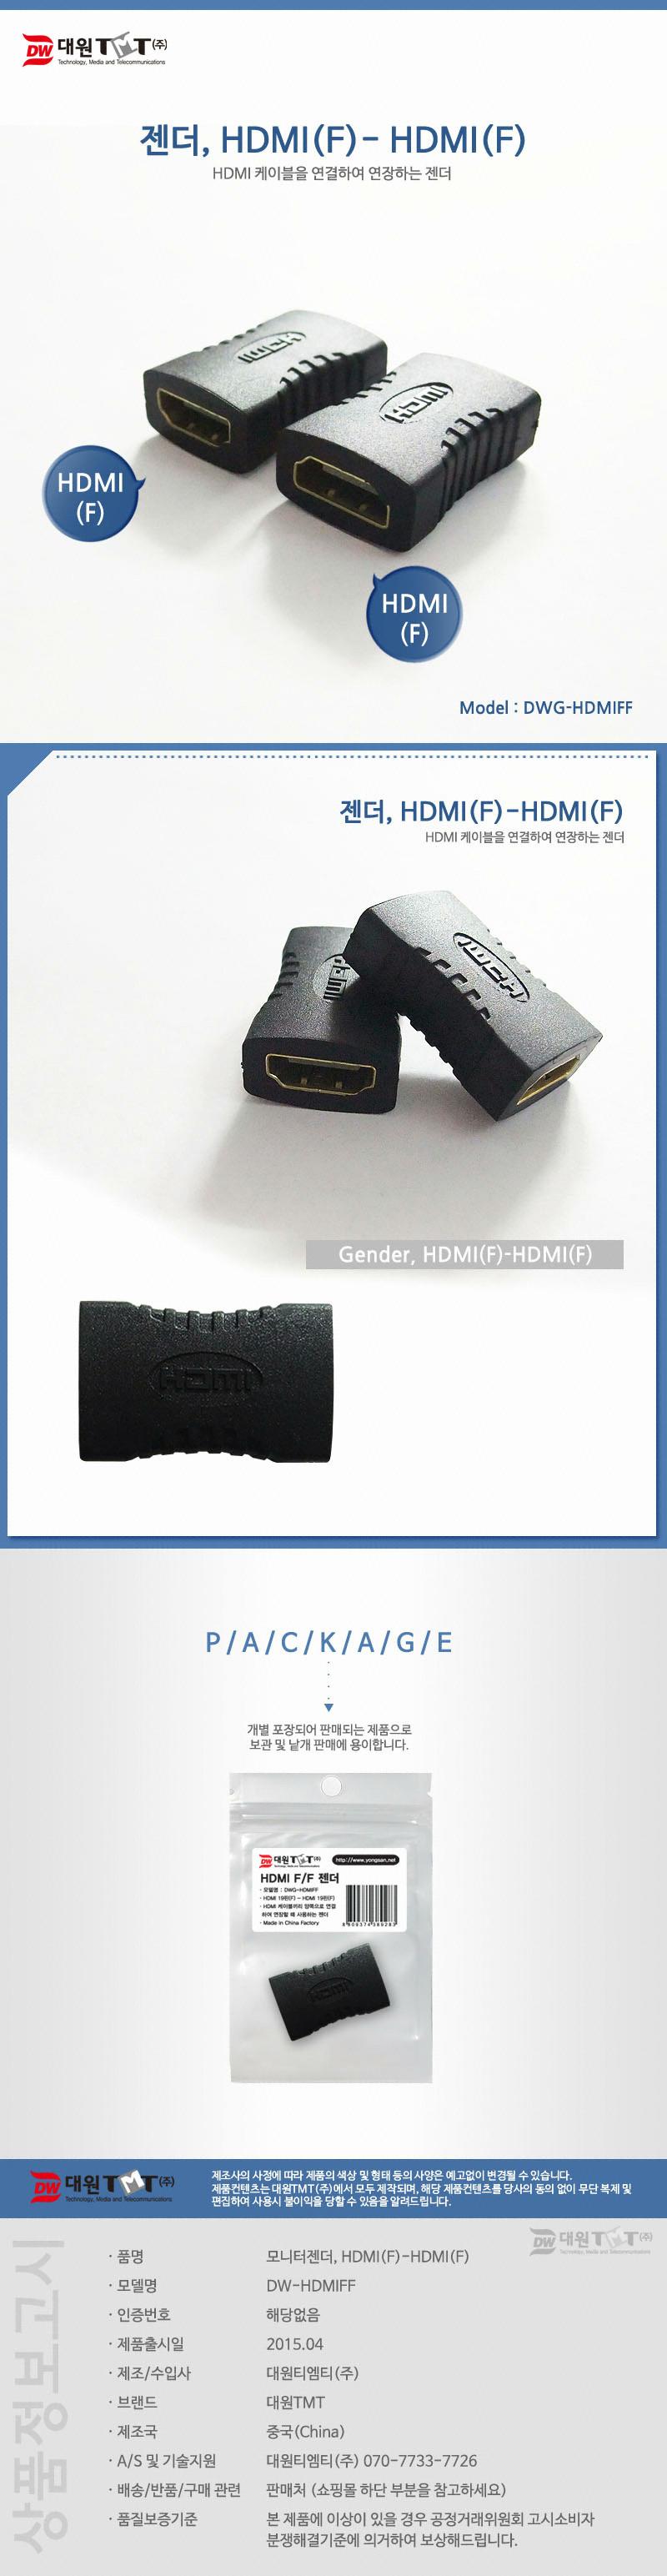 DWG-HDMIFF_DB.jpg